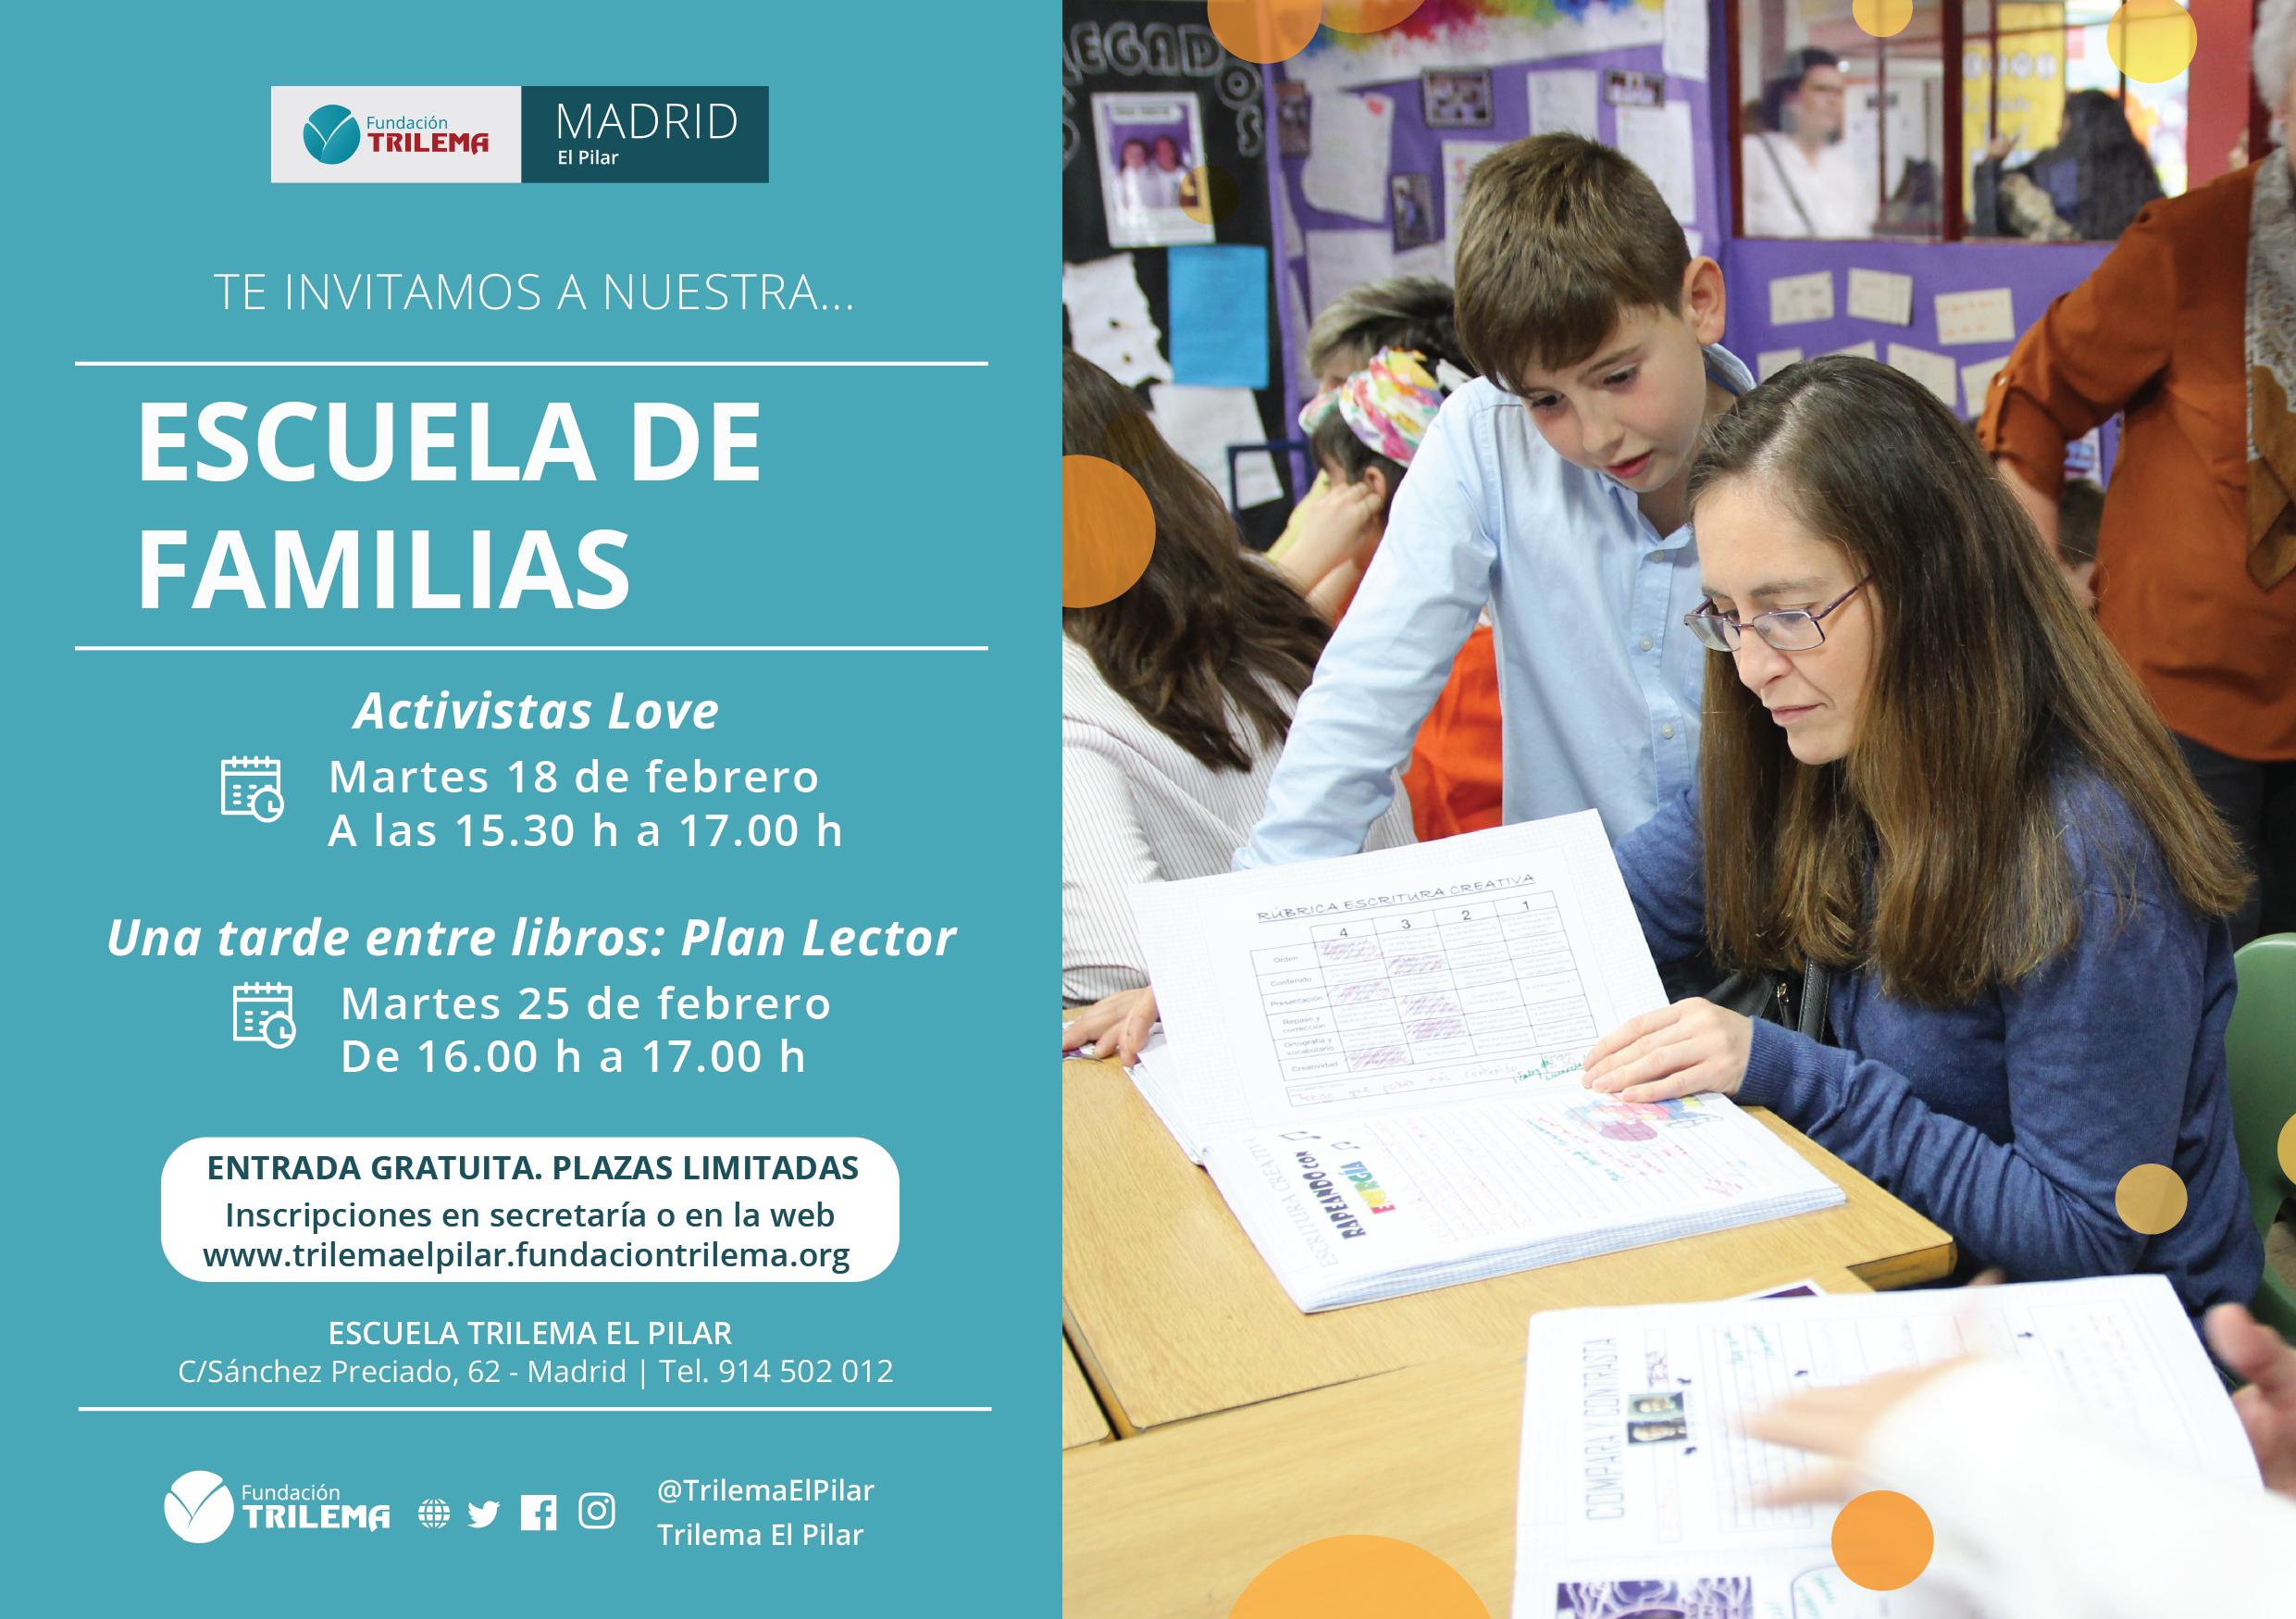 inivitacion 2 Escuelas Familias EL PILAR_v copy 7